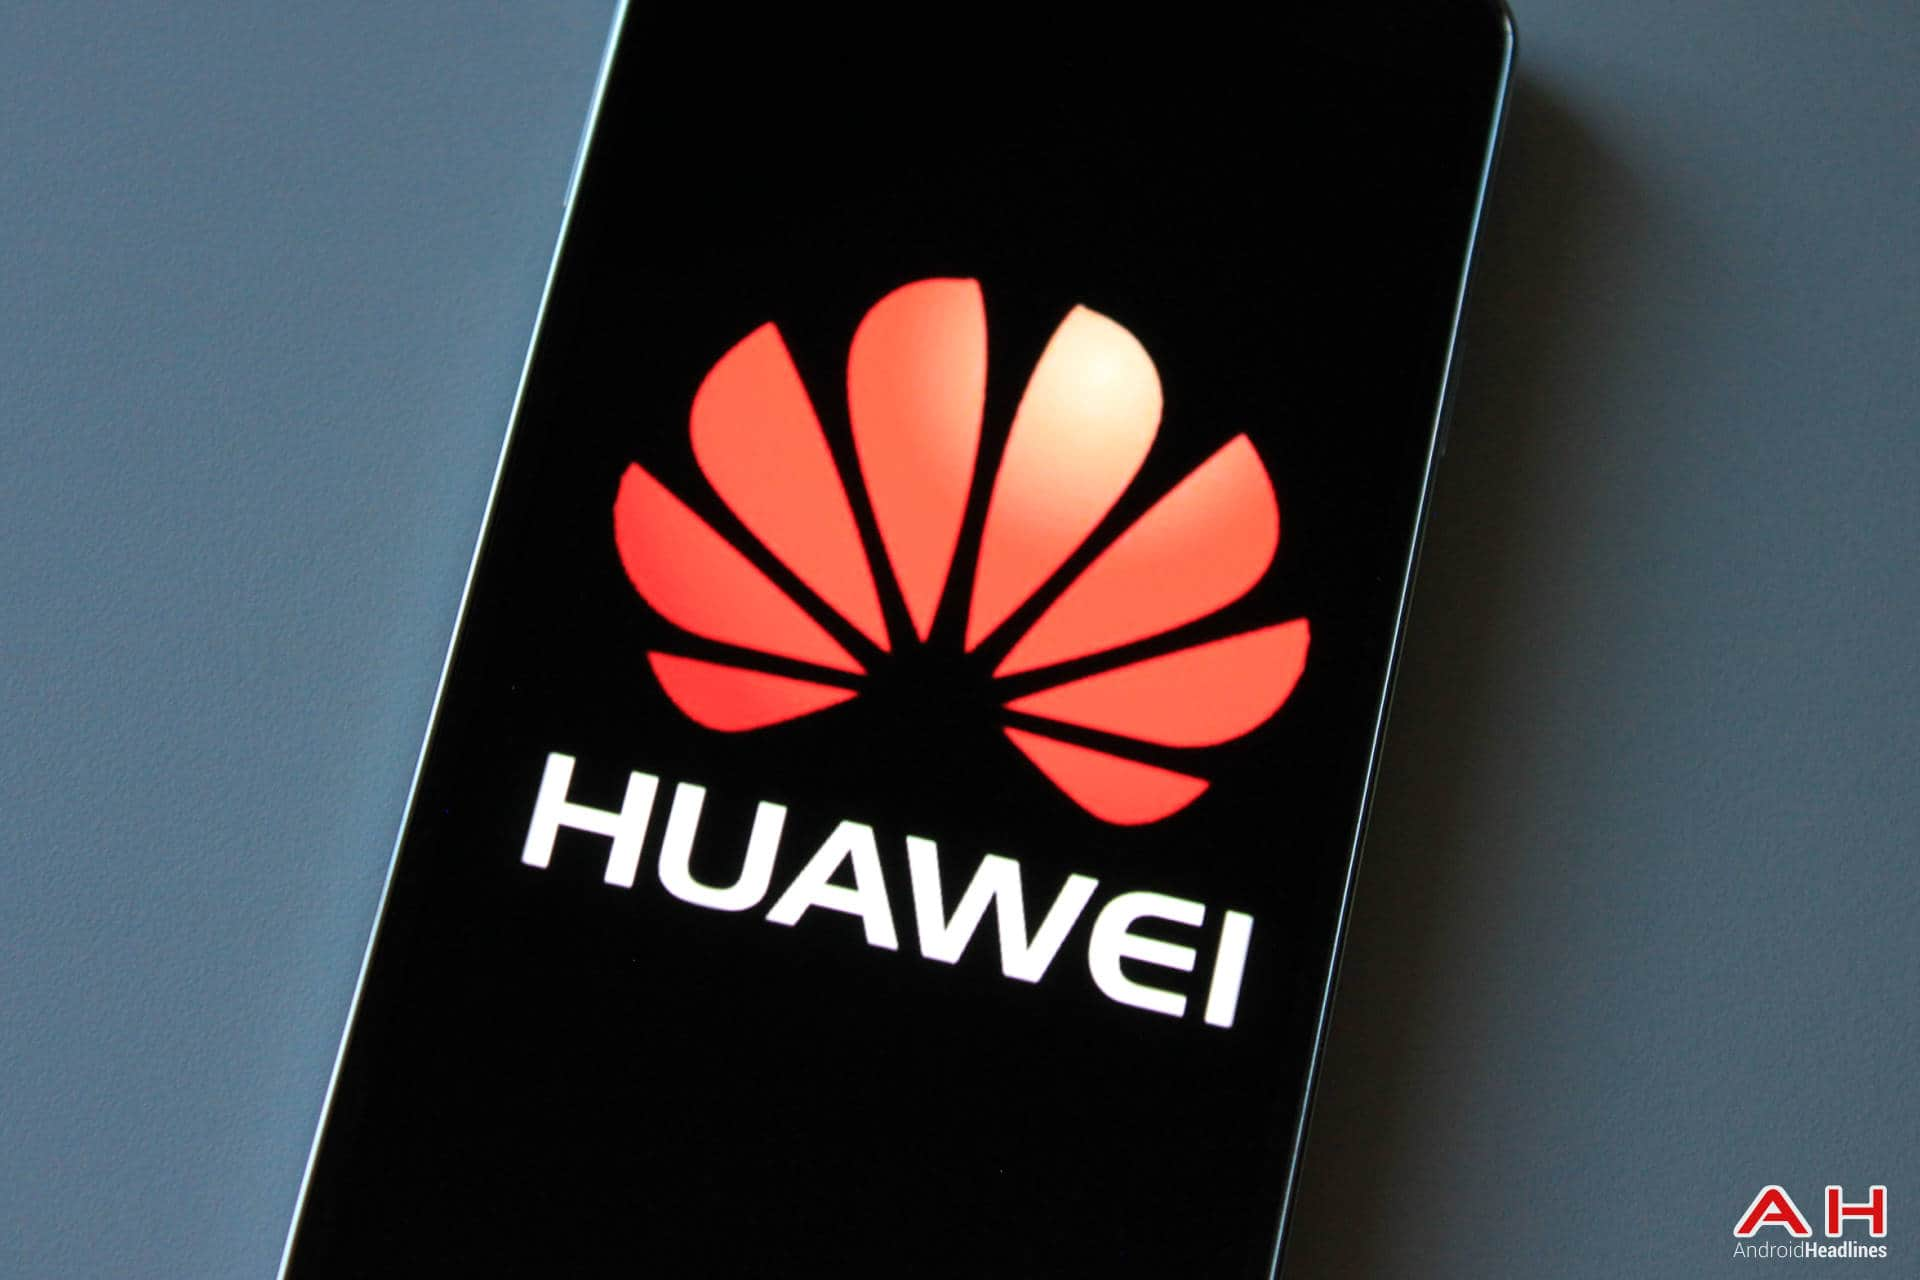 AH Huawei Logo 1.5